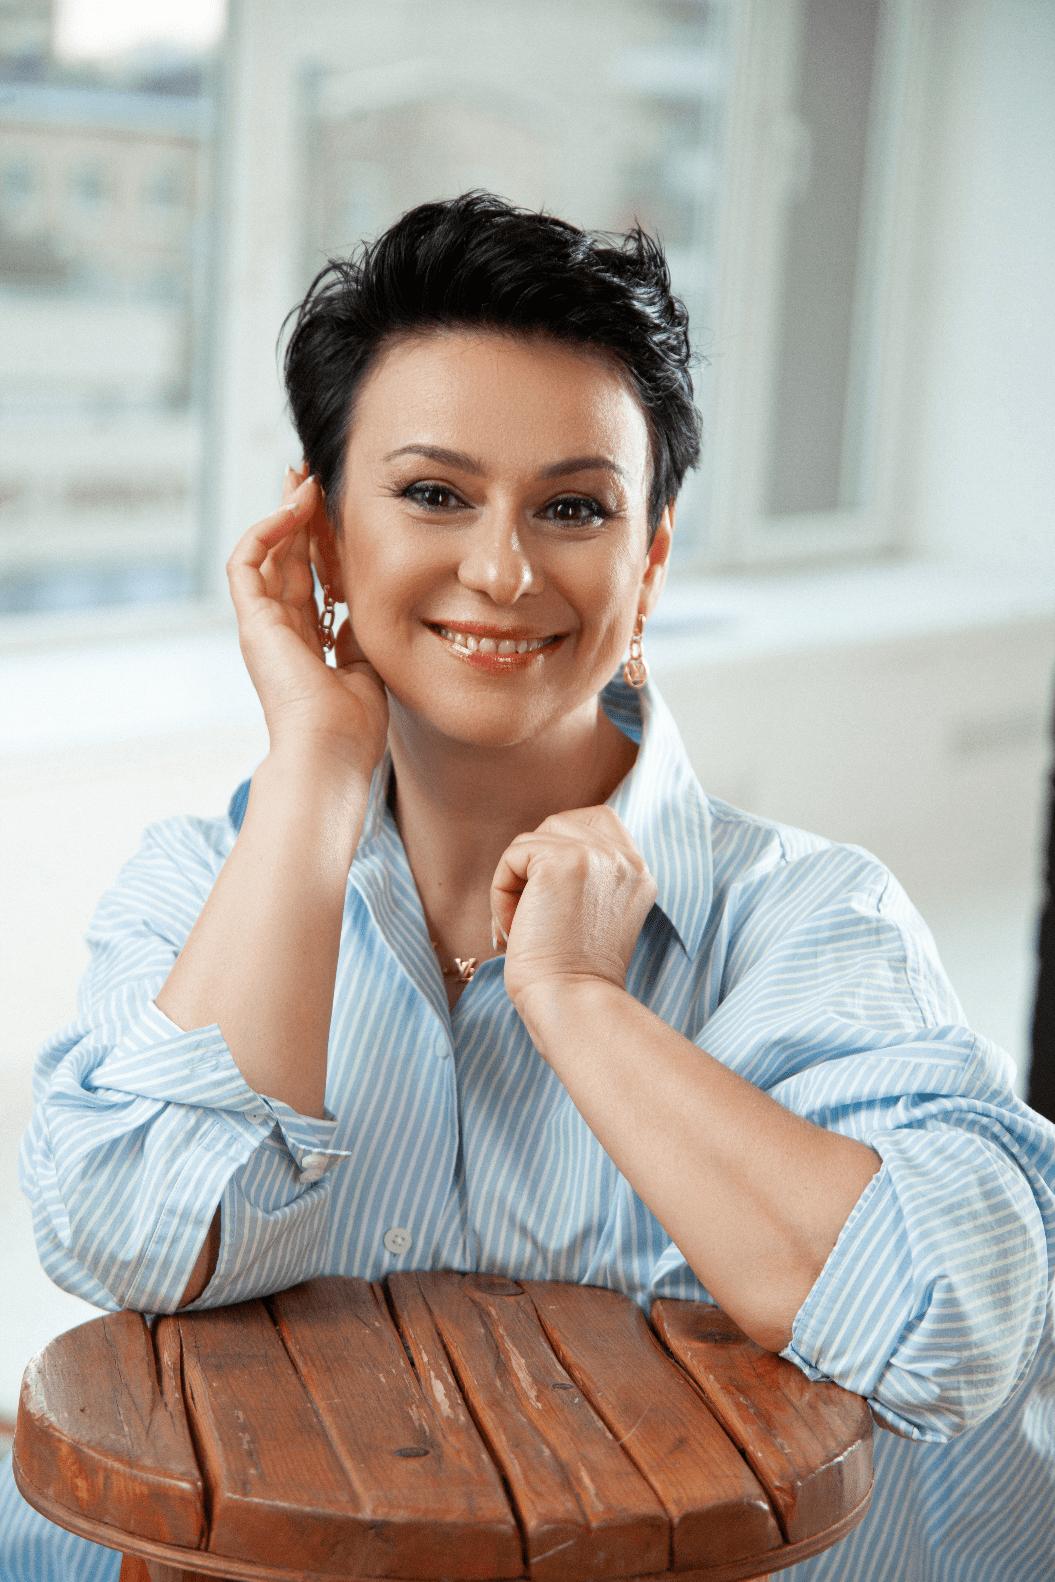 Интервью с моделью age+ Анной Гунько об эстетике зрелости: «В элегантном возрасте есть своя красота, обаяние и шарм»